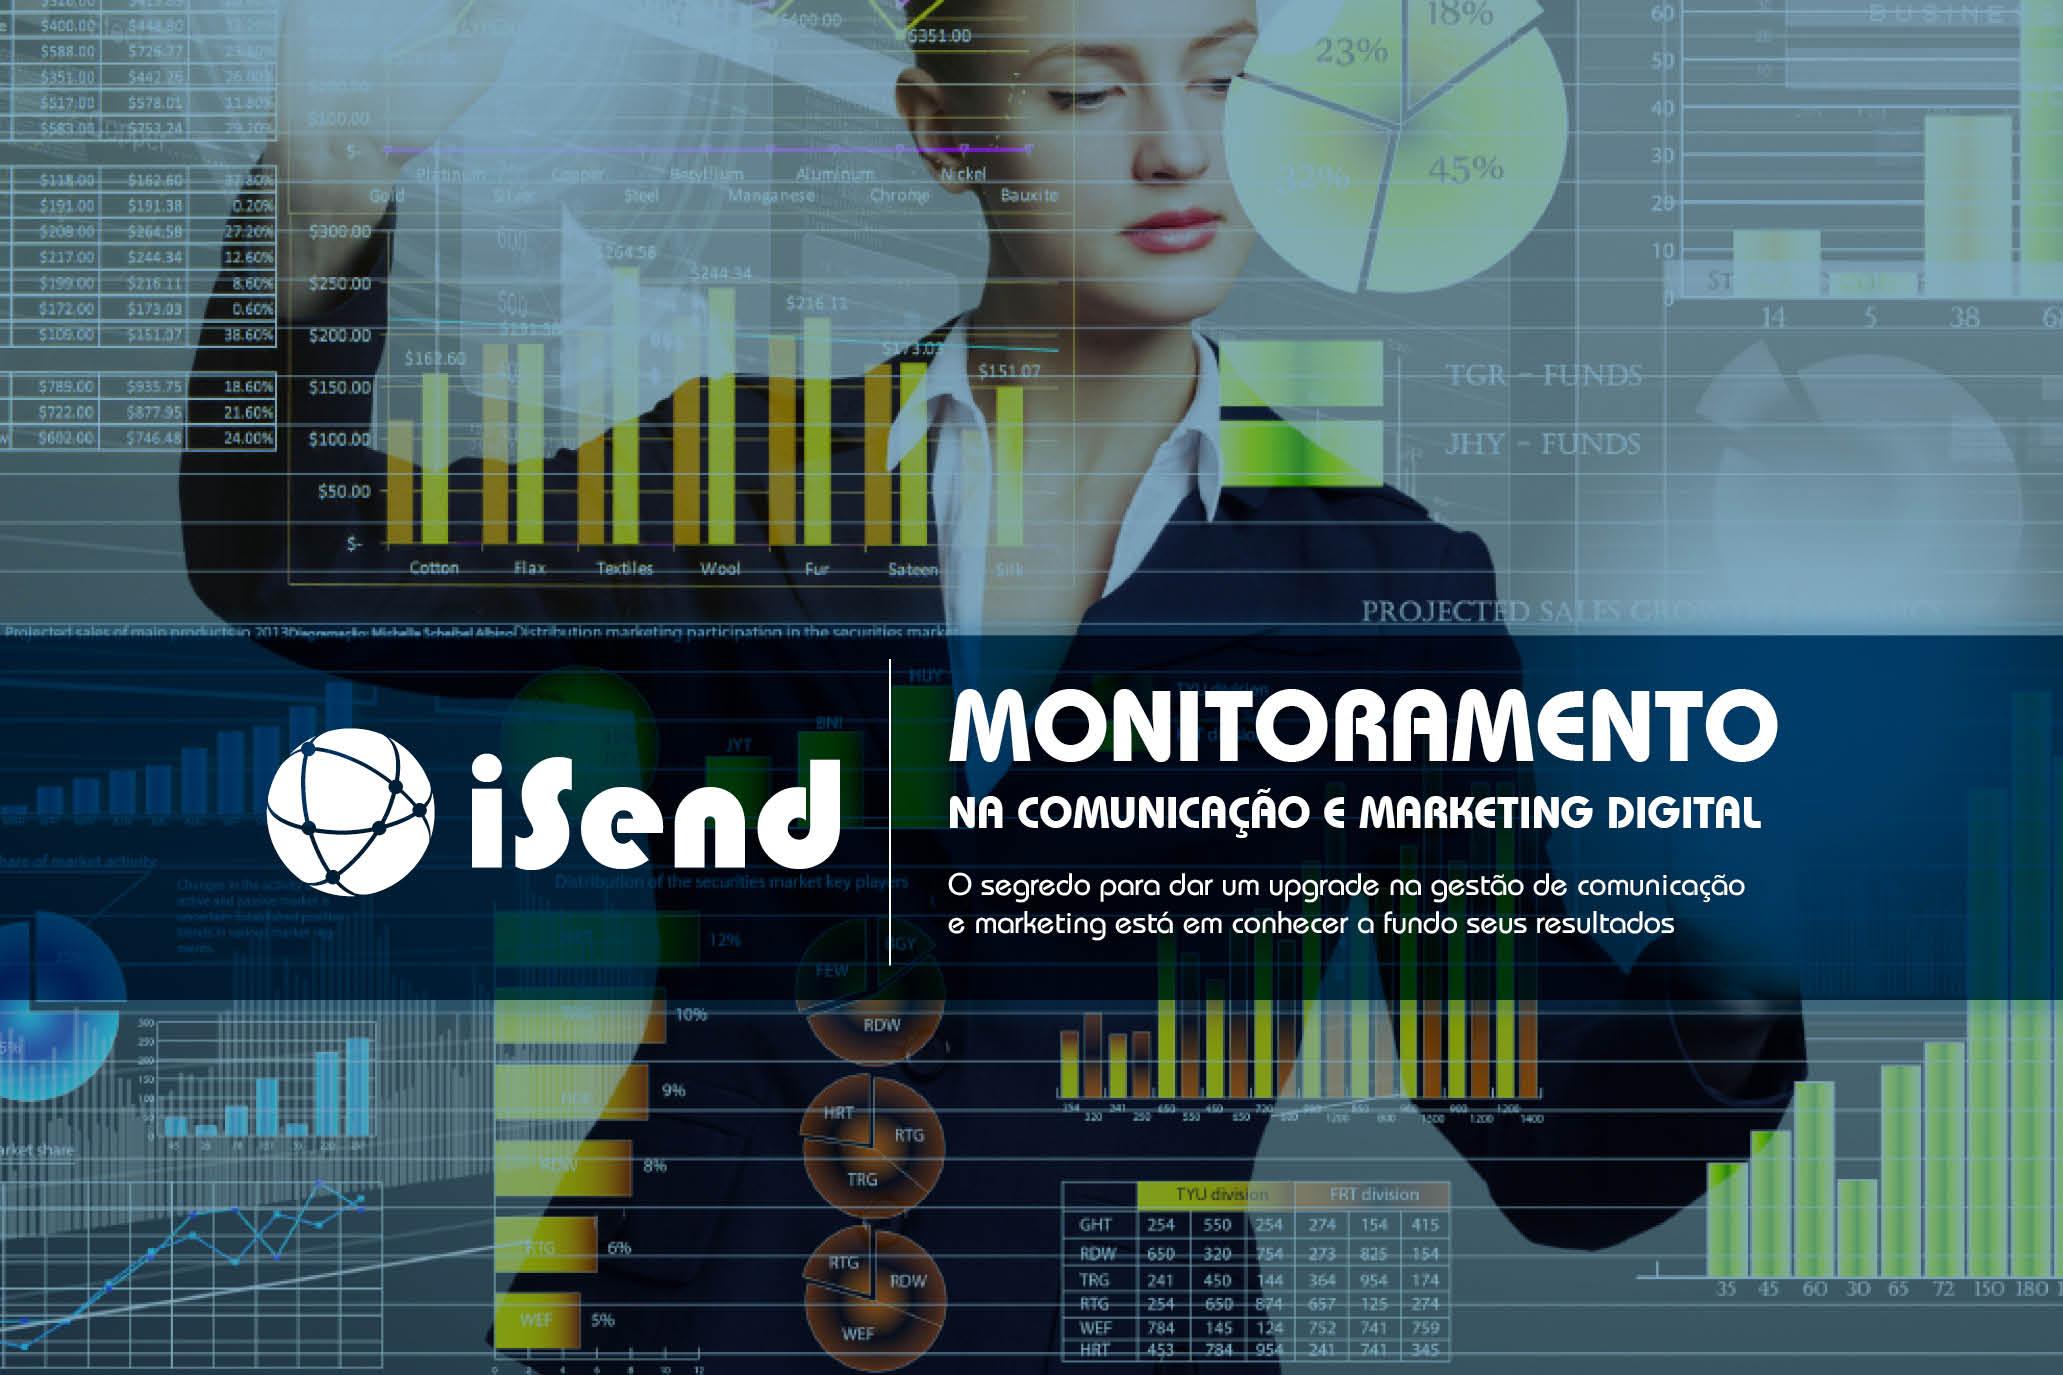 Revista iSend - Monitoramento